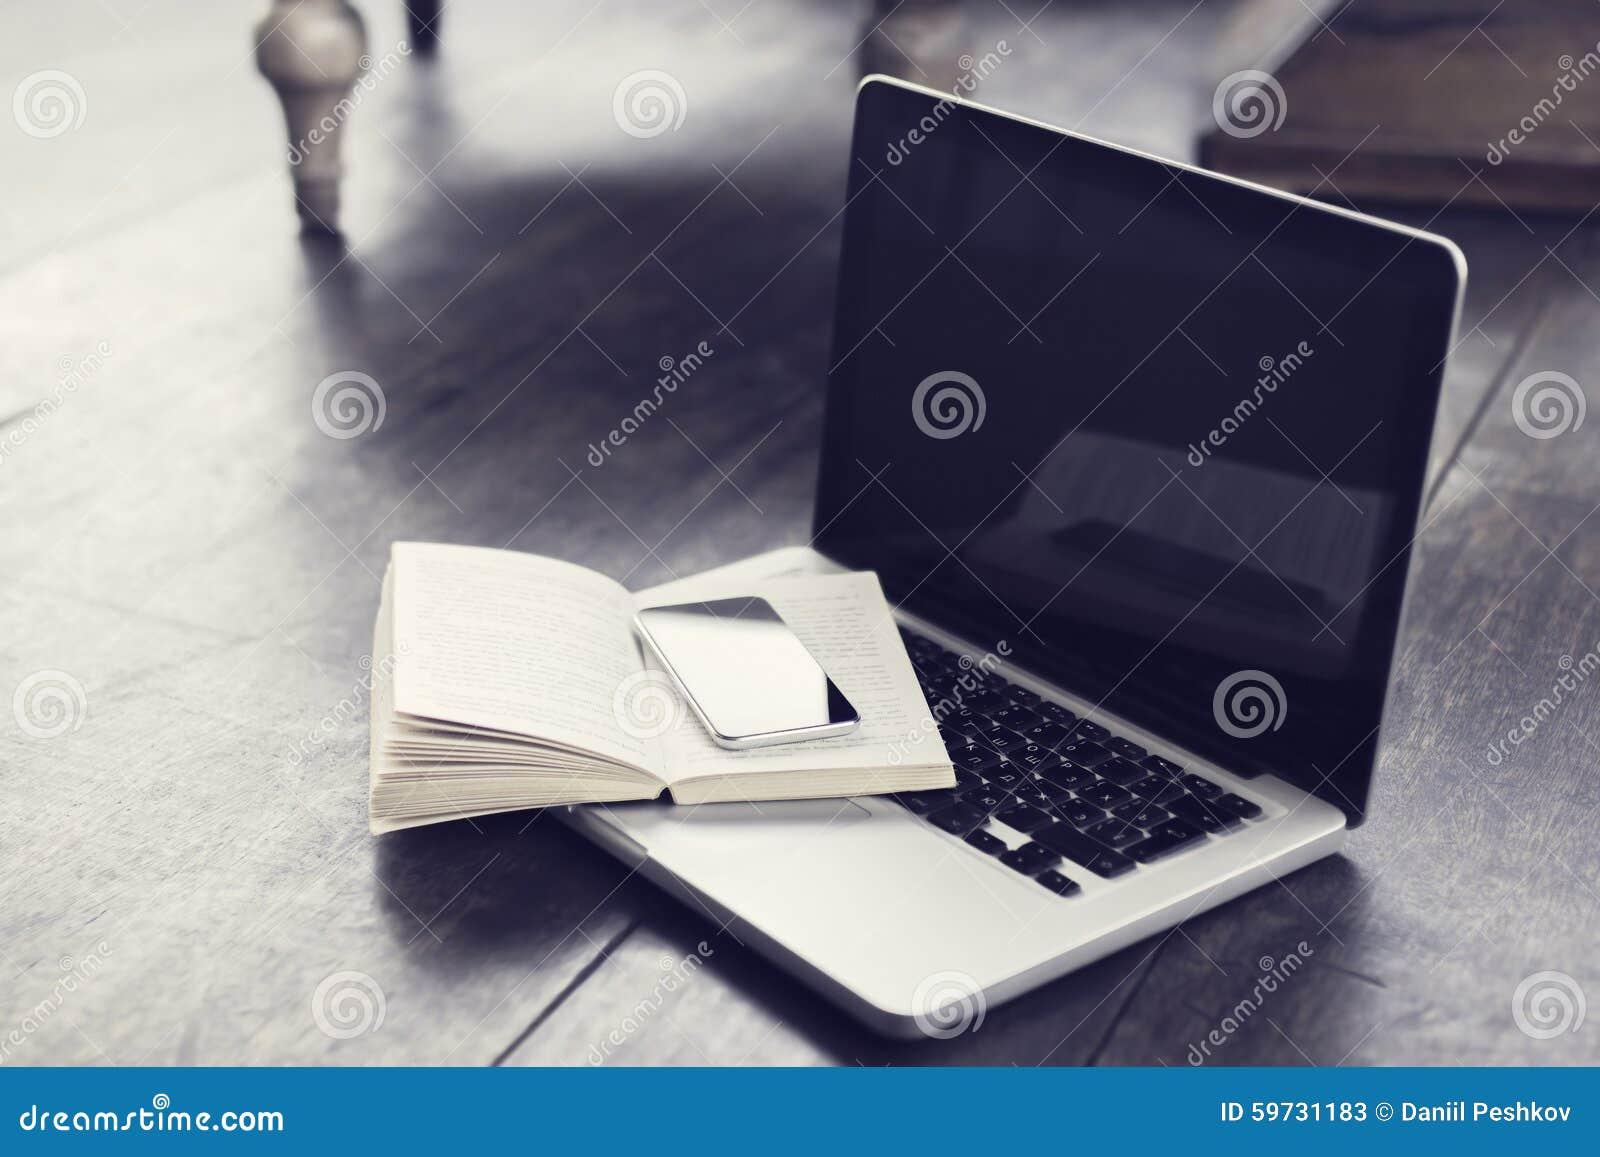 handy mit offenem buch und laptop auf dem boden stockfoto bild 59731183. Black Bedroom Furniture Sets. Home Design Ideas